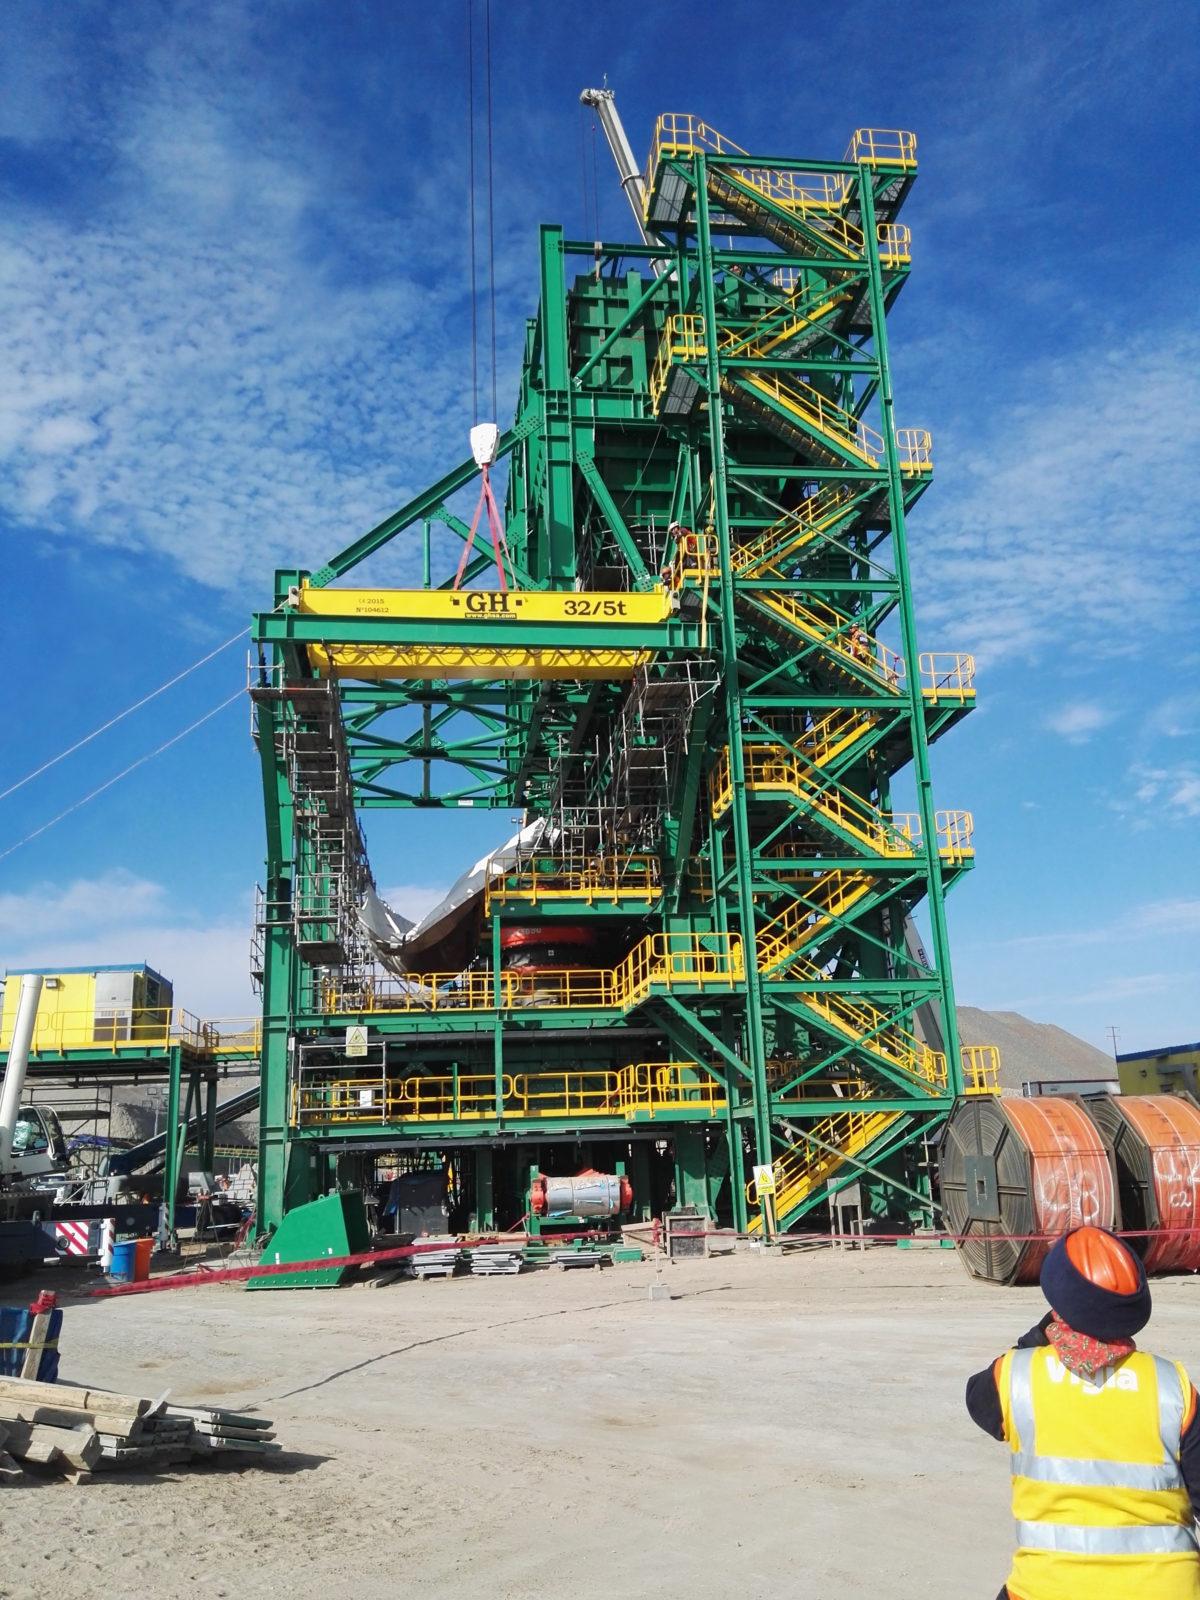 El cliente minero valora la incorporación de sistemas de seguridad en las grúas